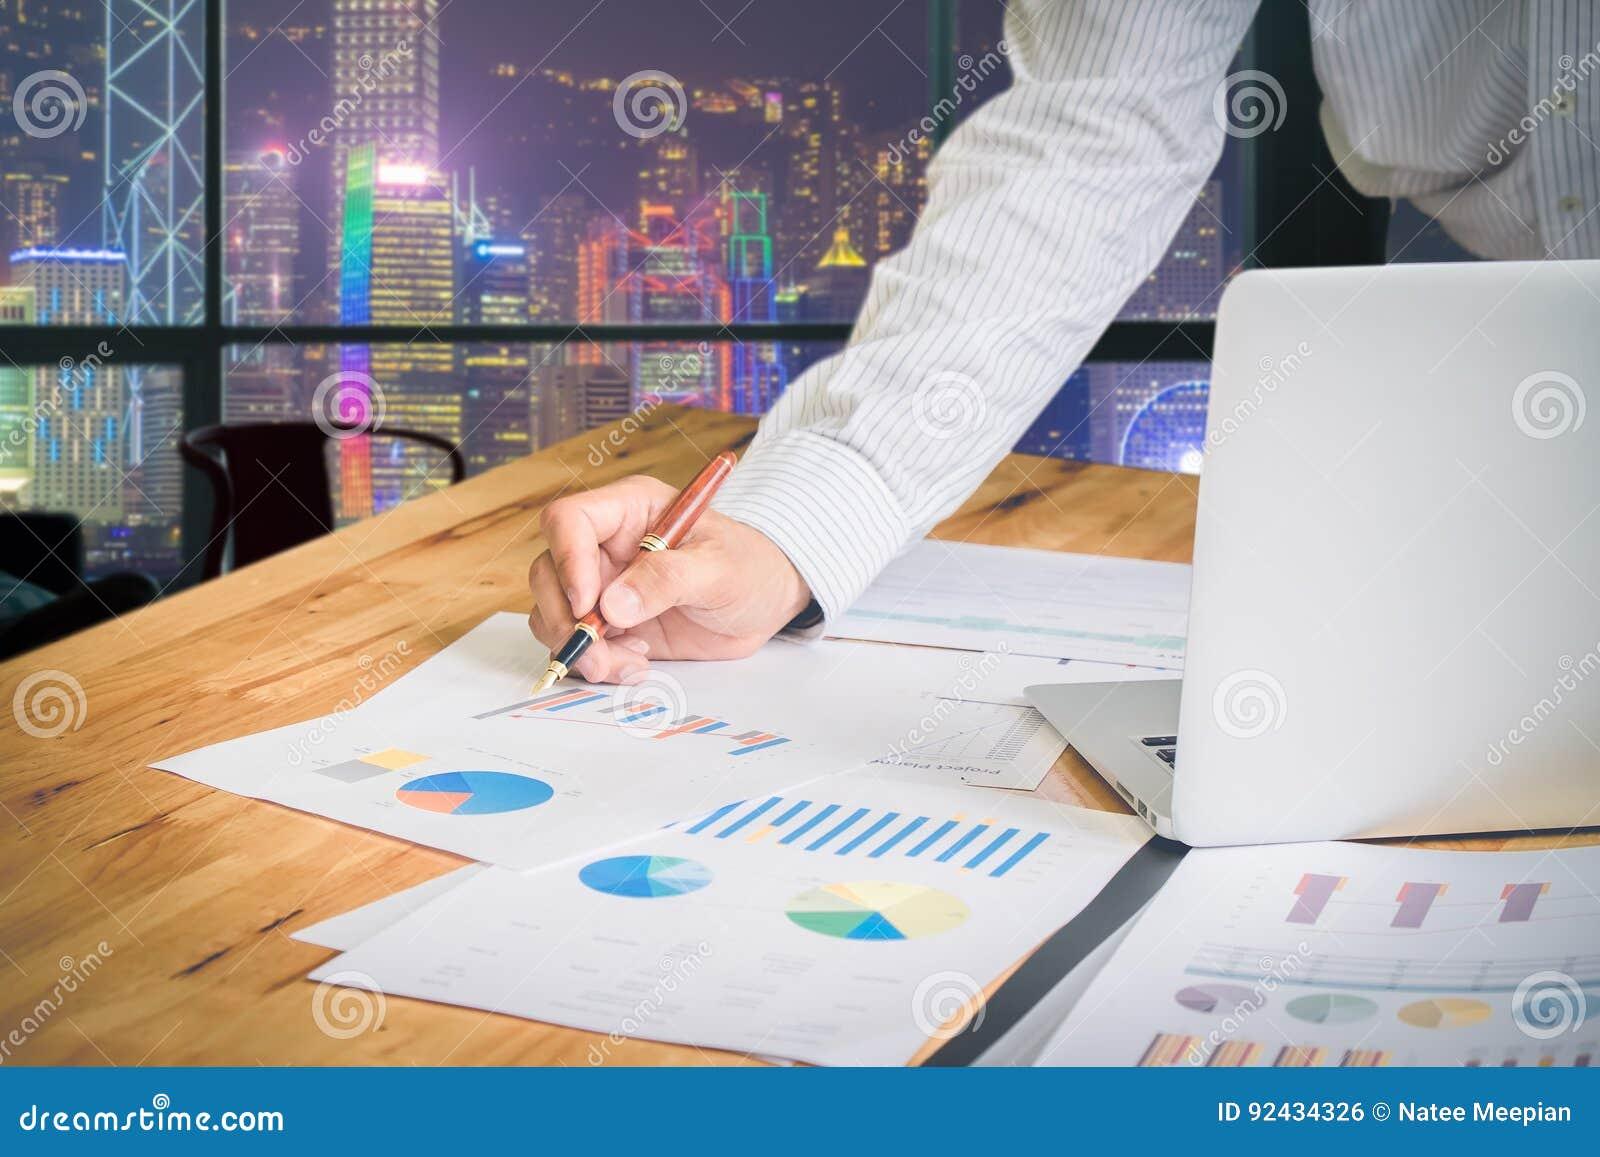 Partnery biznesowi dyskutuje dokumenty i pomysły przy spotkaniem przy h